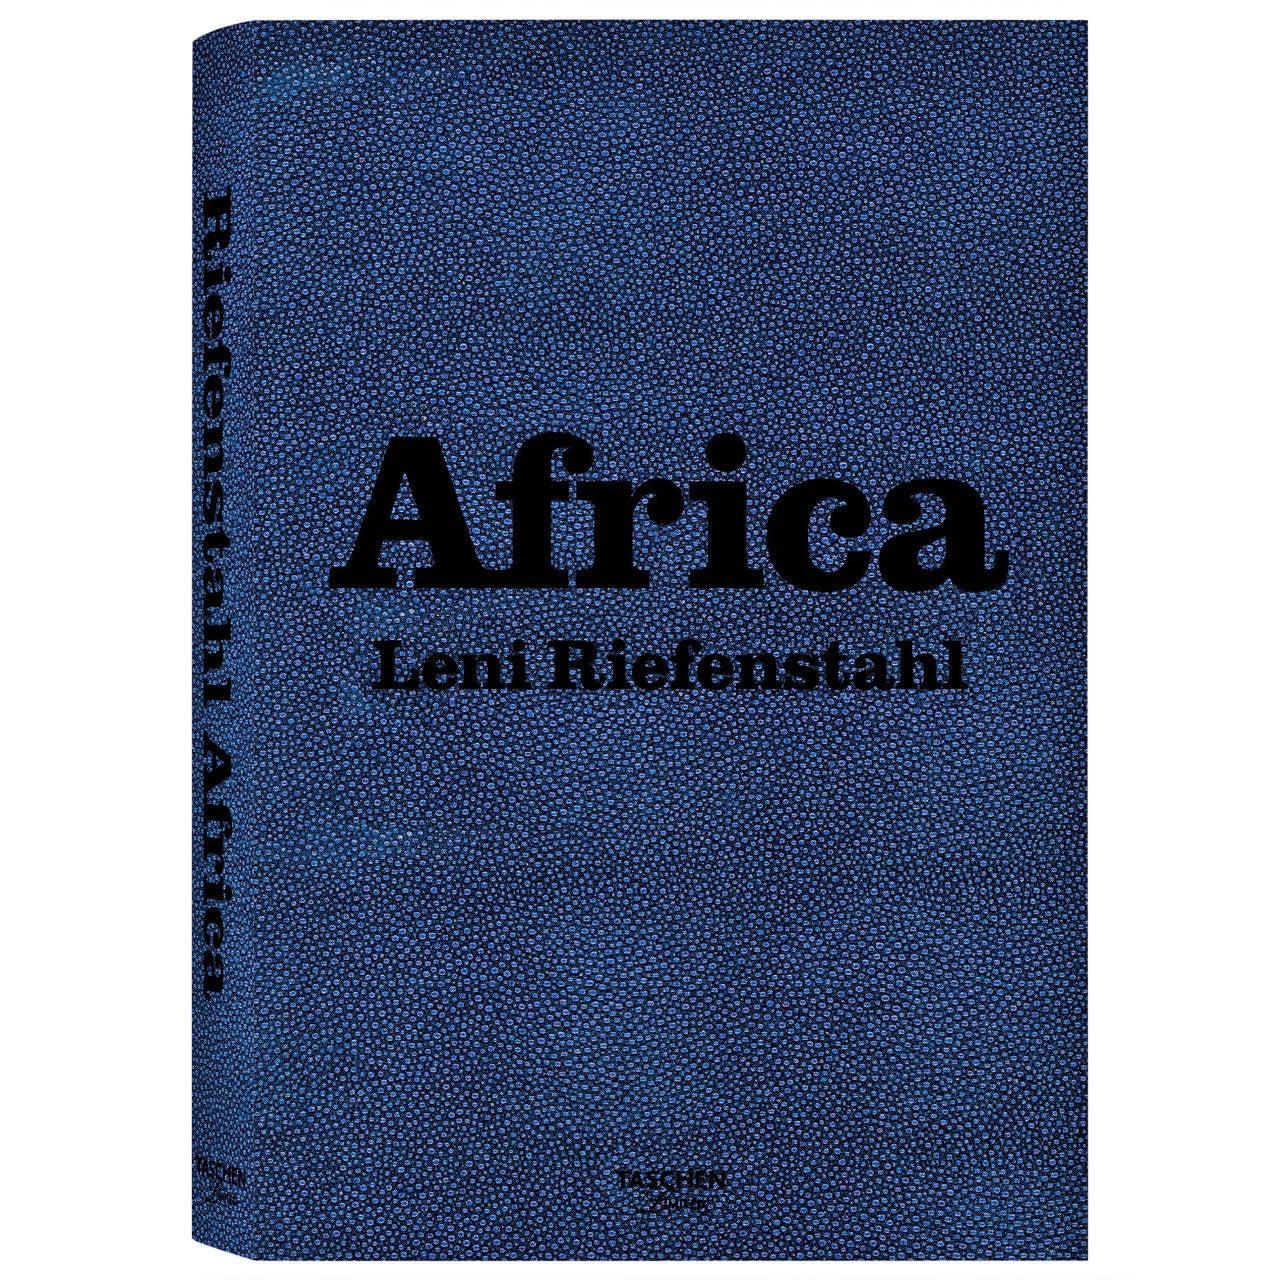 Leni Riefenstahl, Africa